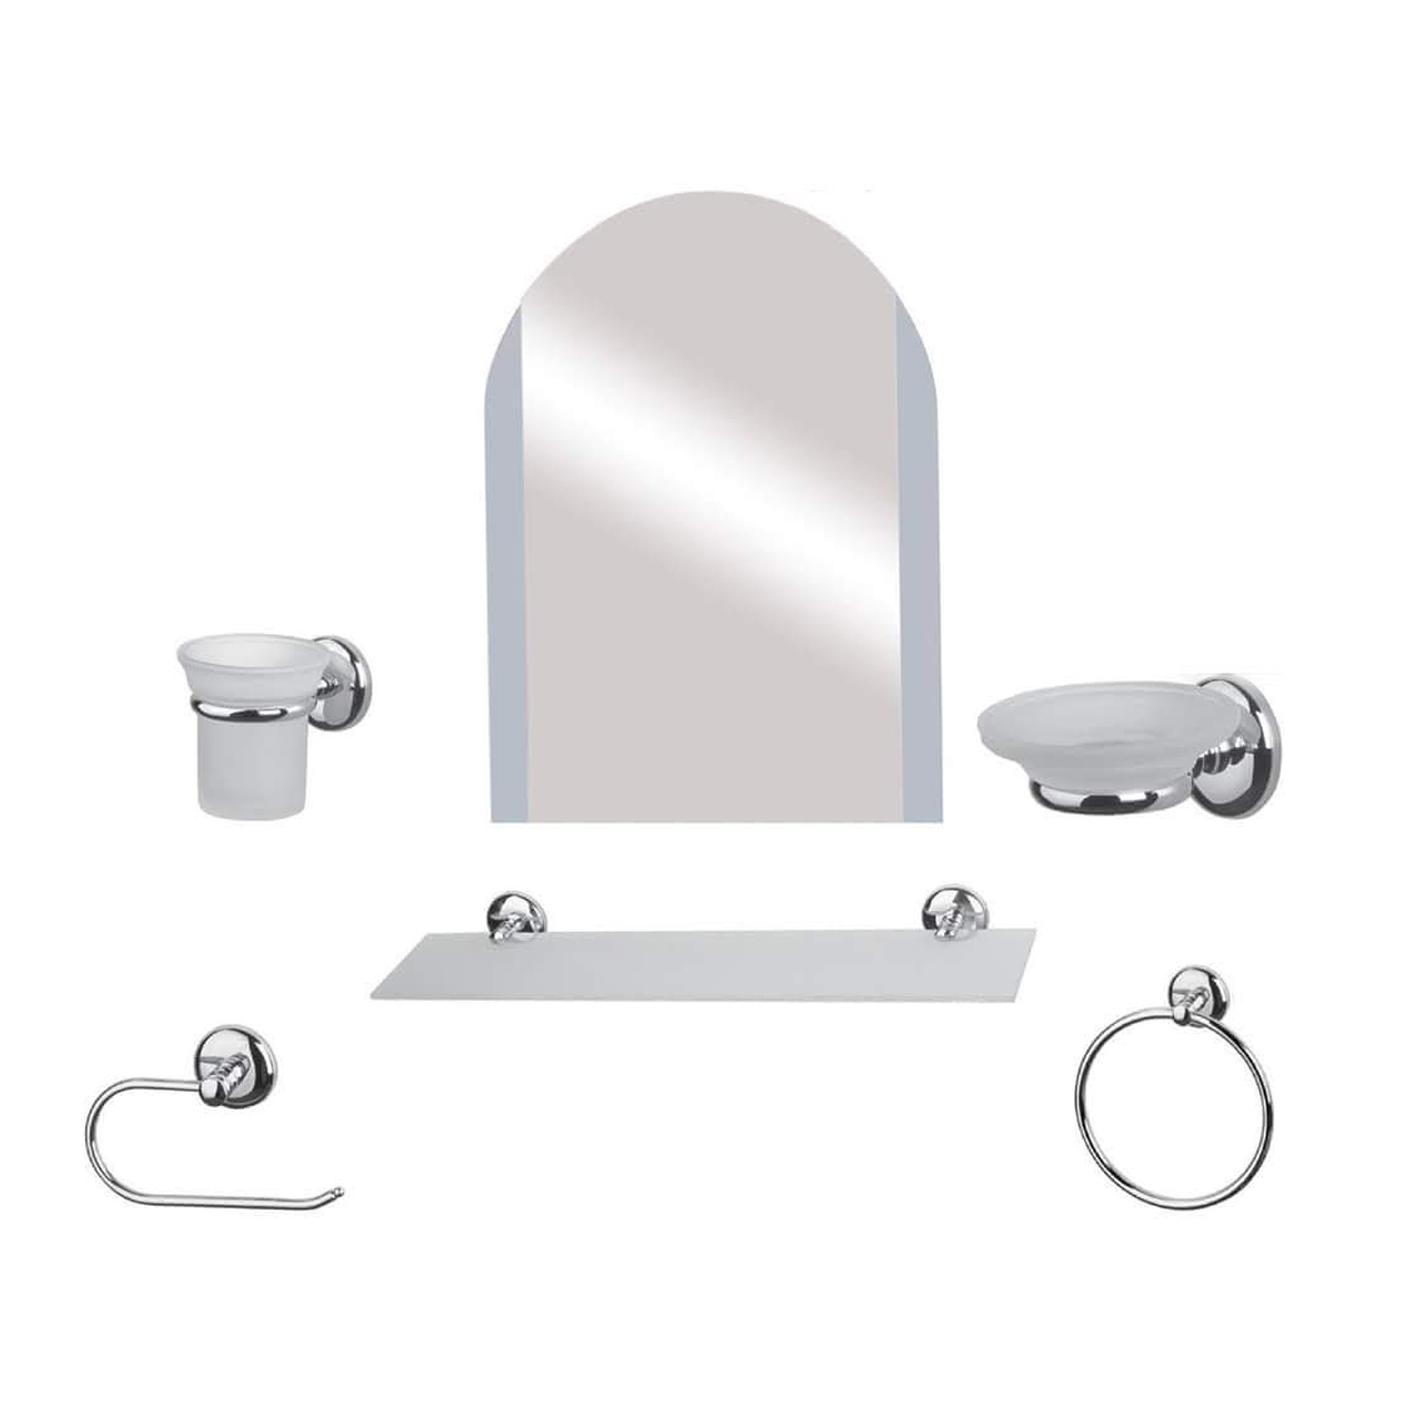 Çapaş Dekoratif Ayna Takımı